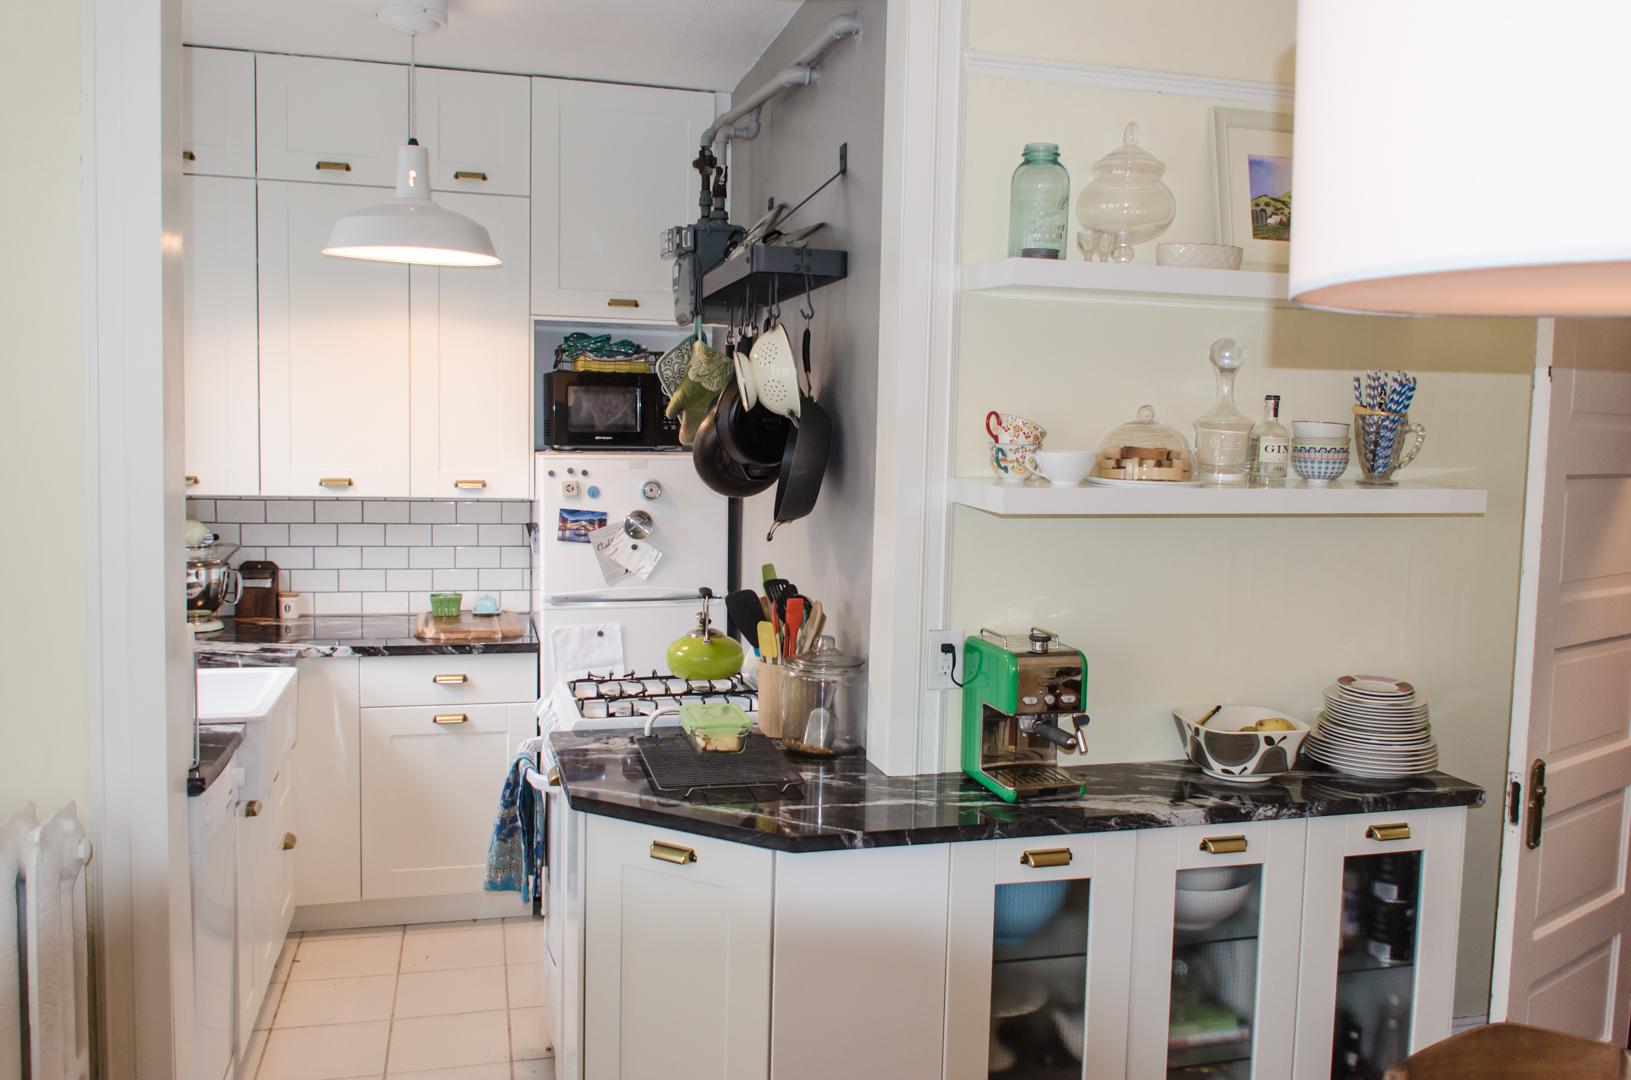 lille-lejlighed-køkken-ikea-1